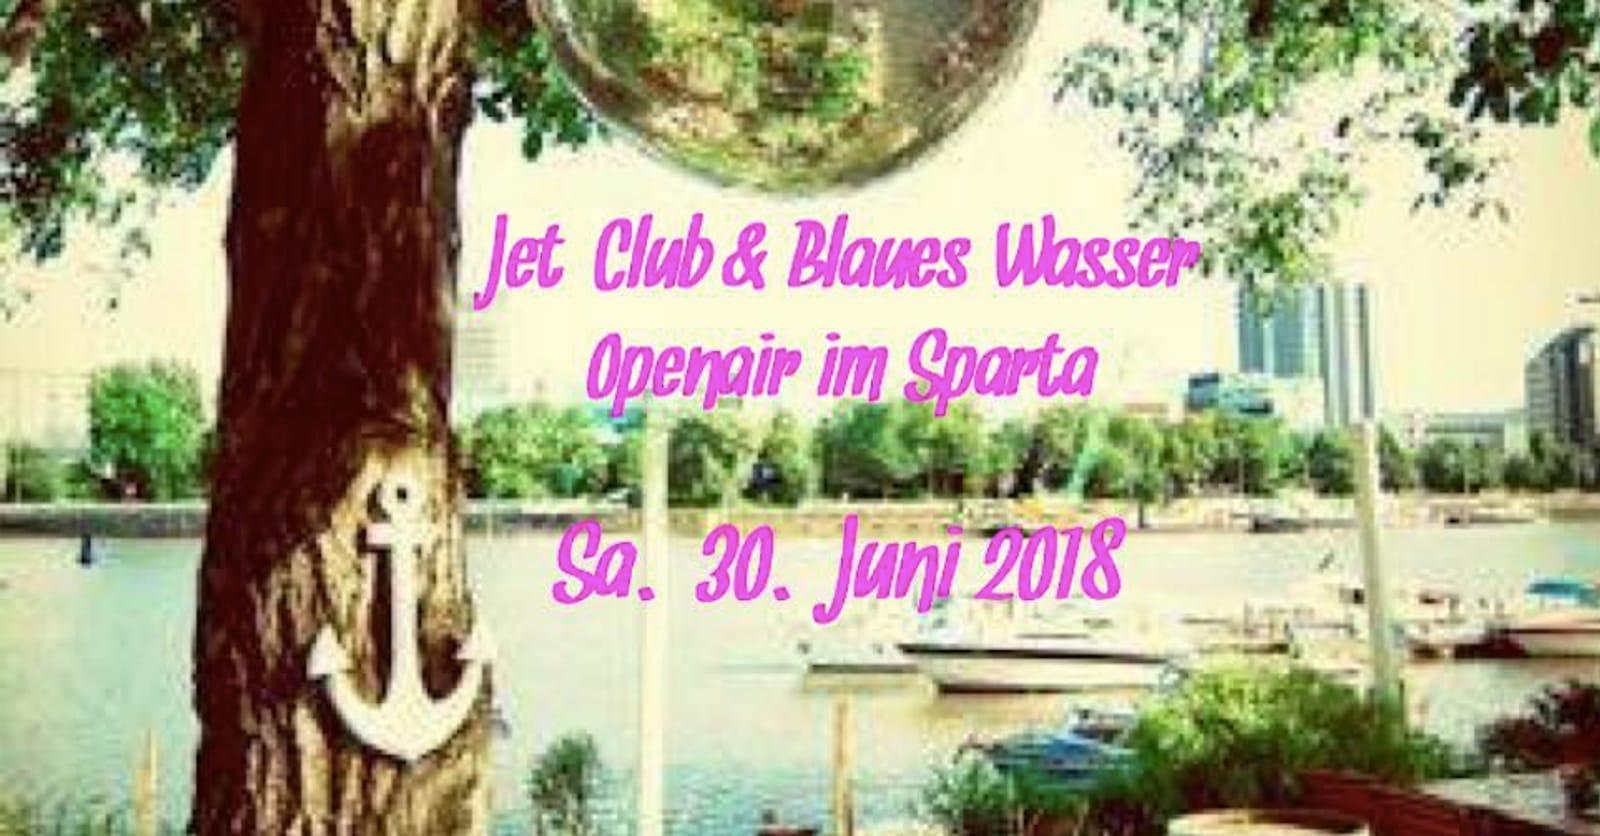 Jet Club & Blaues Wasser Openair im Sparta